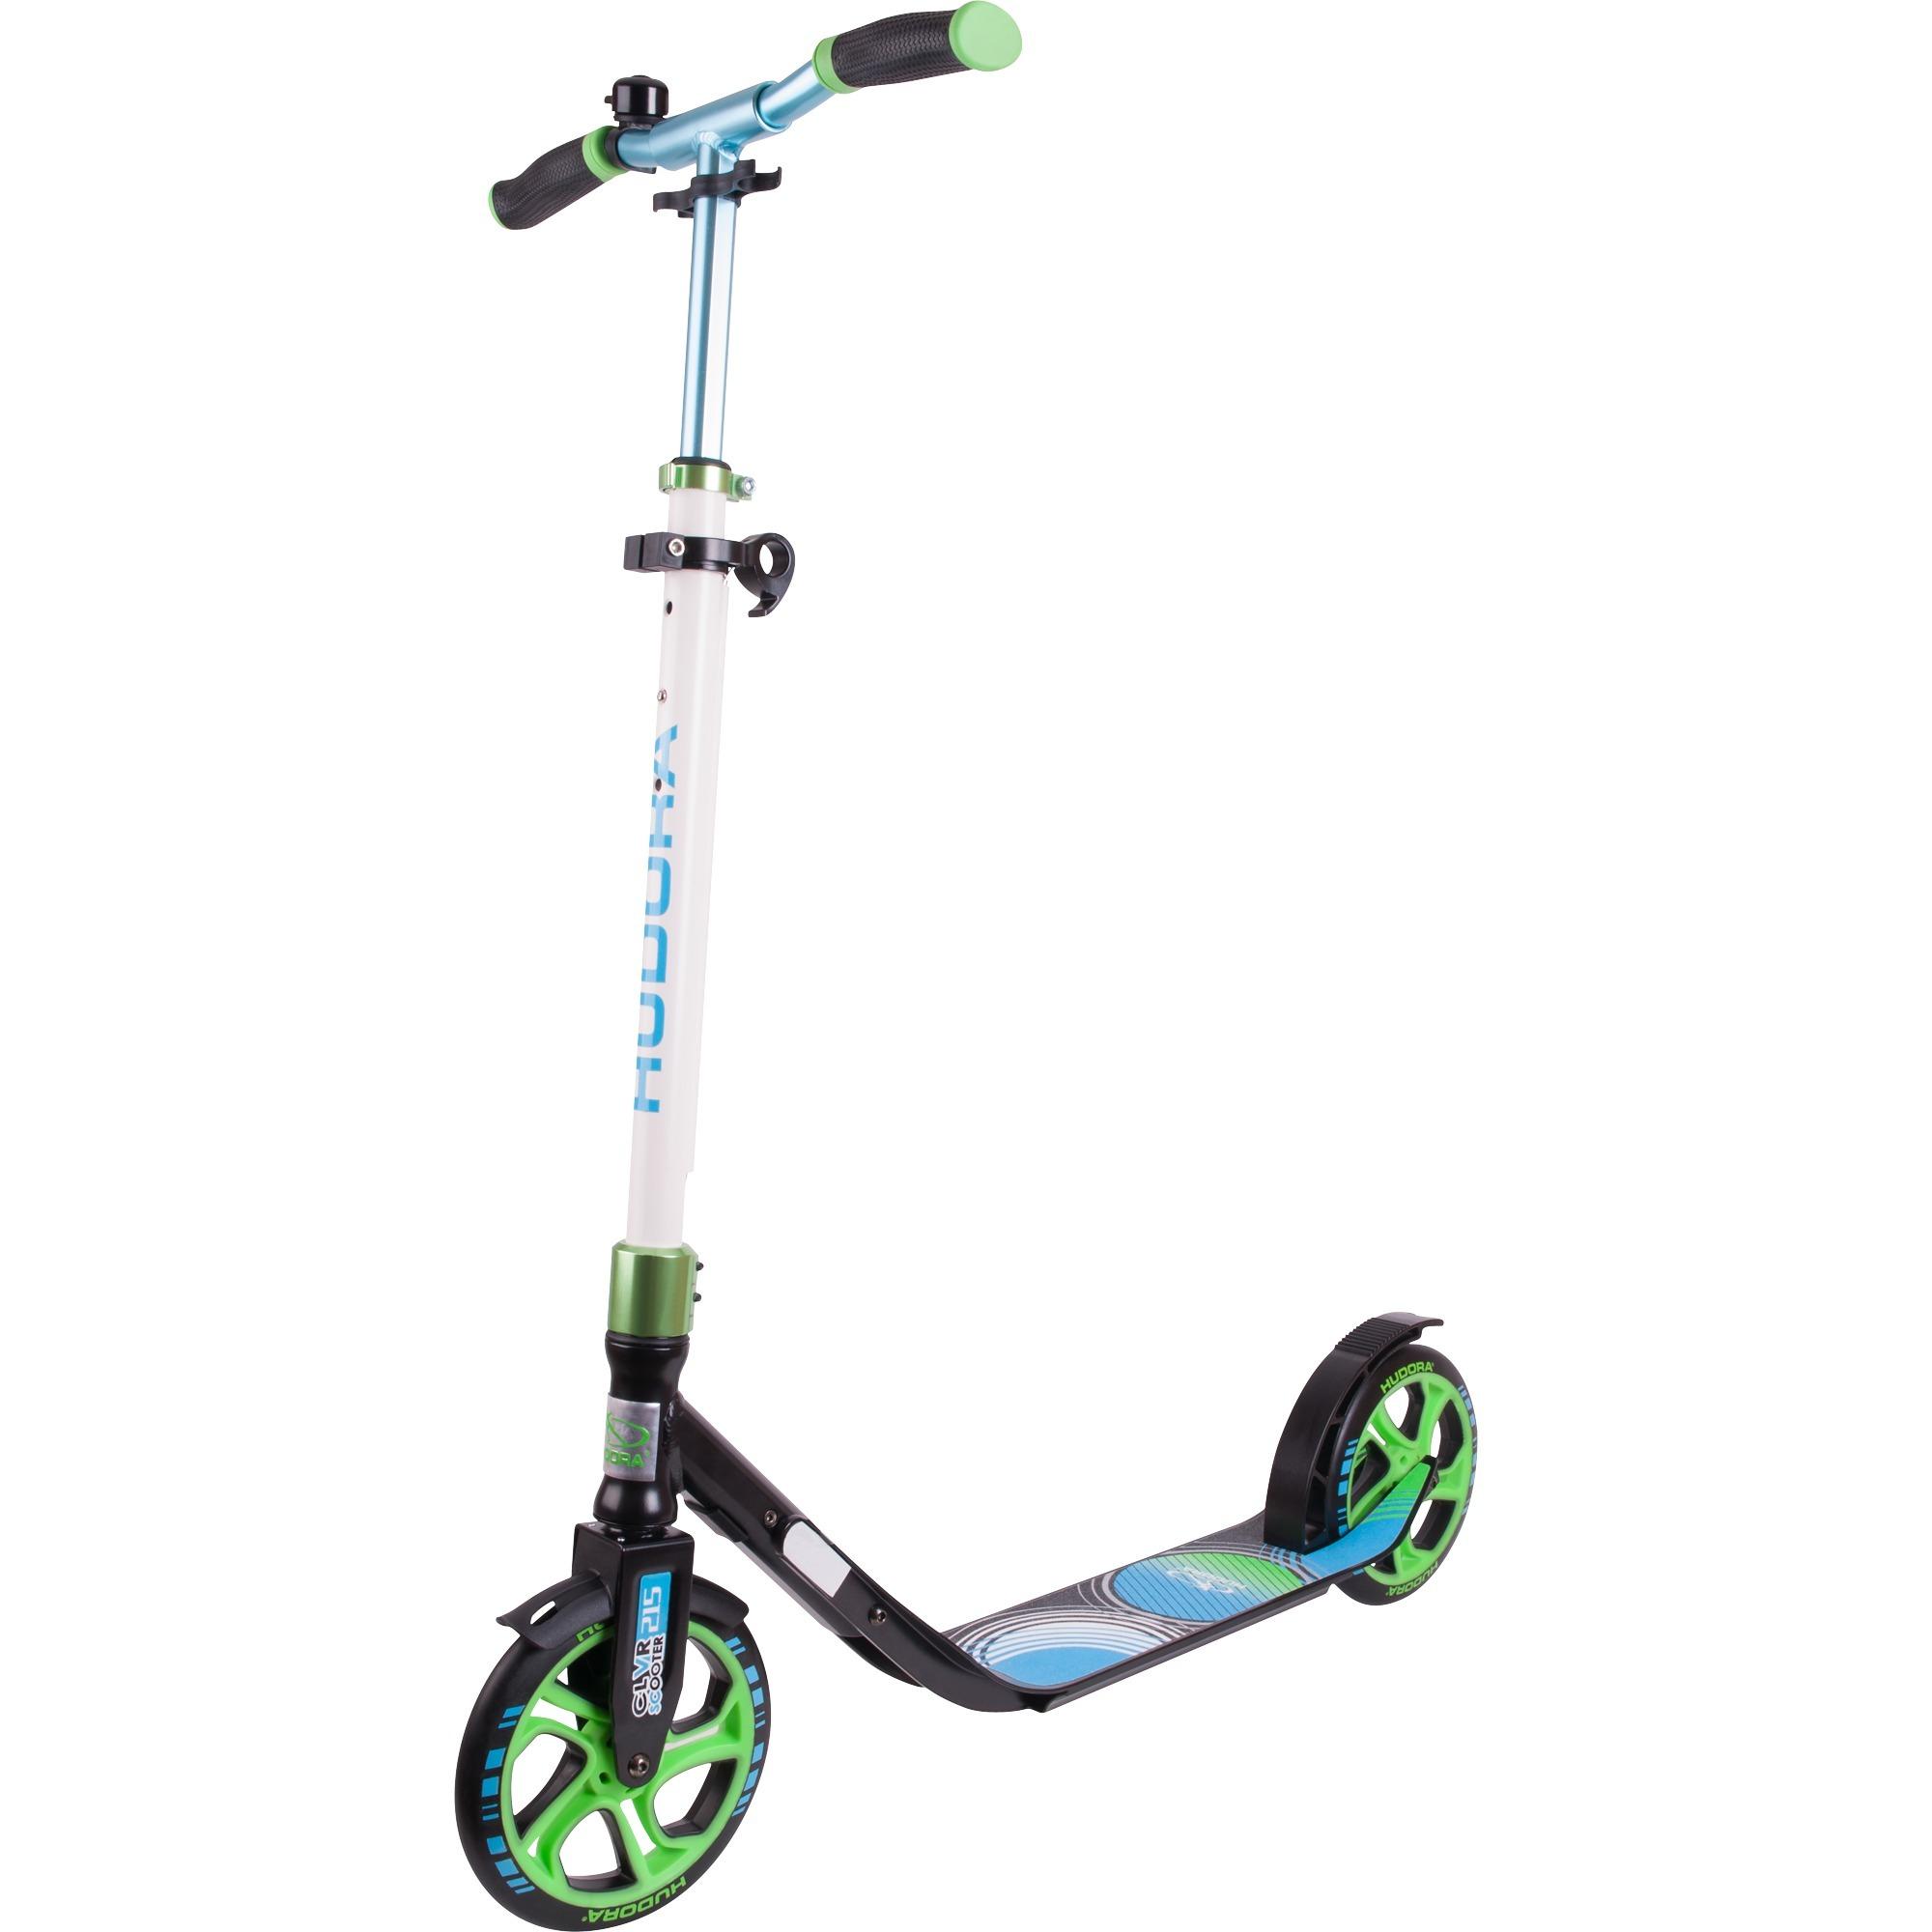 14823 scooter Adultos Azul, Verde, Vespa